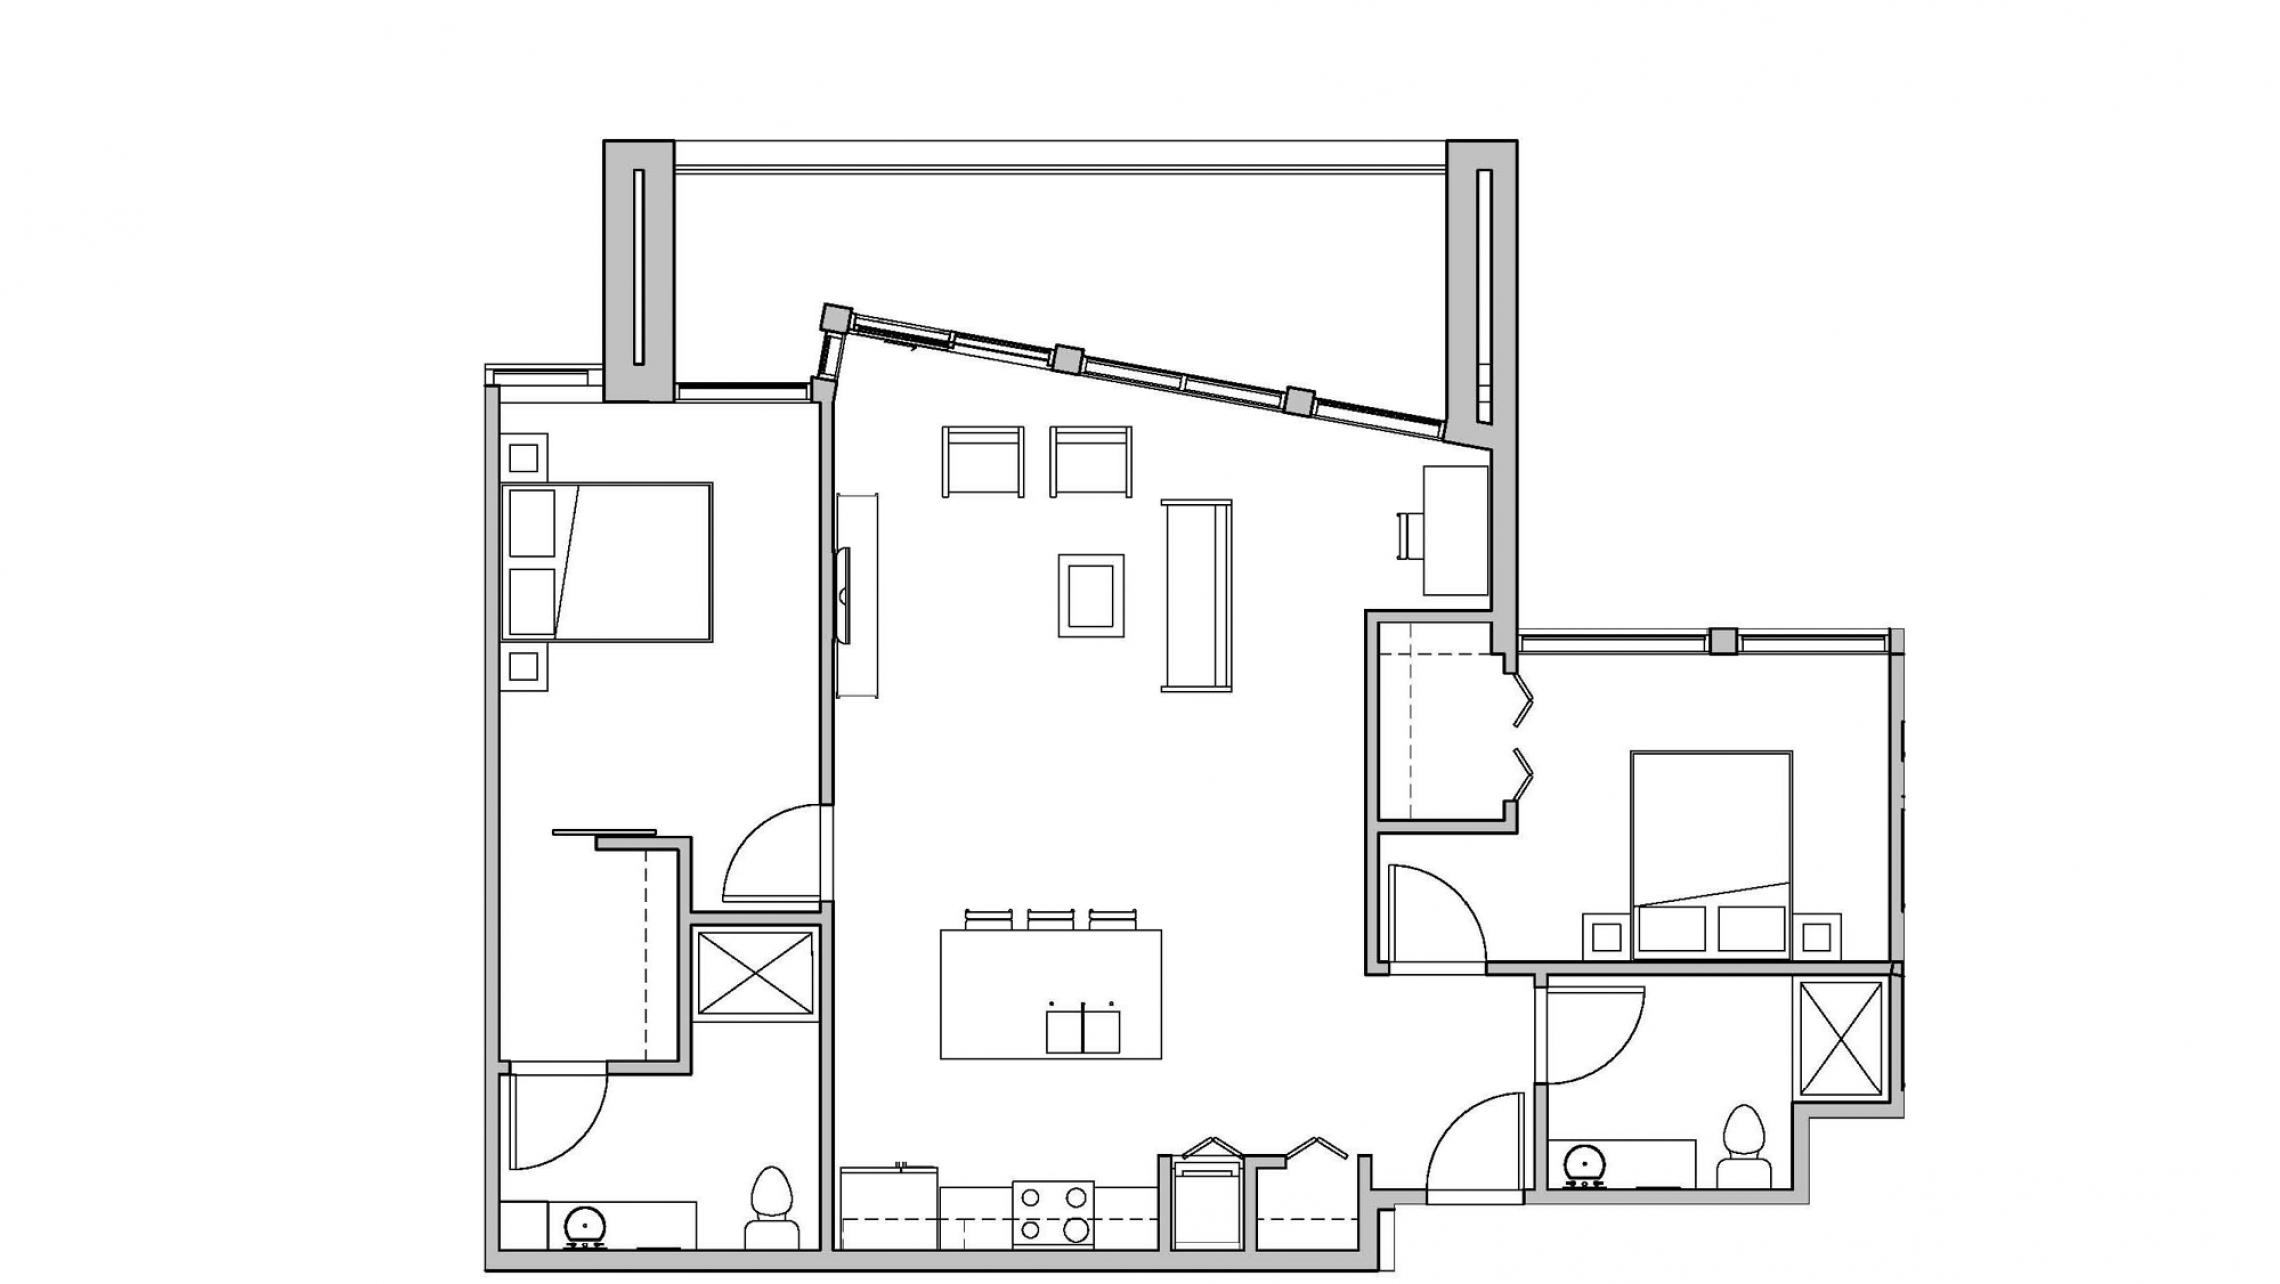 ULI Seven27 422 - Two Bedroom, Two Bathroom